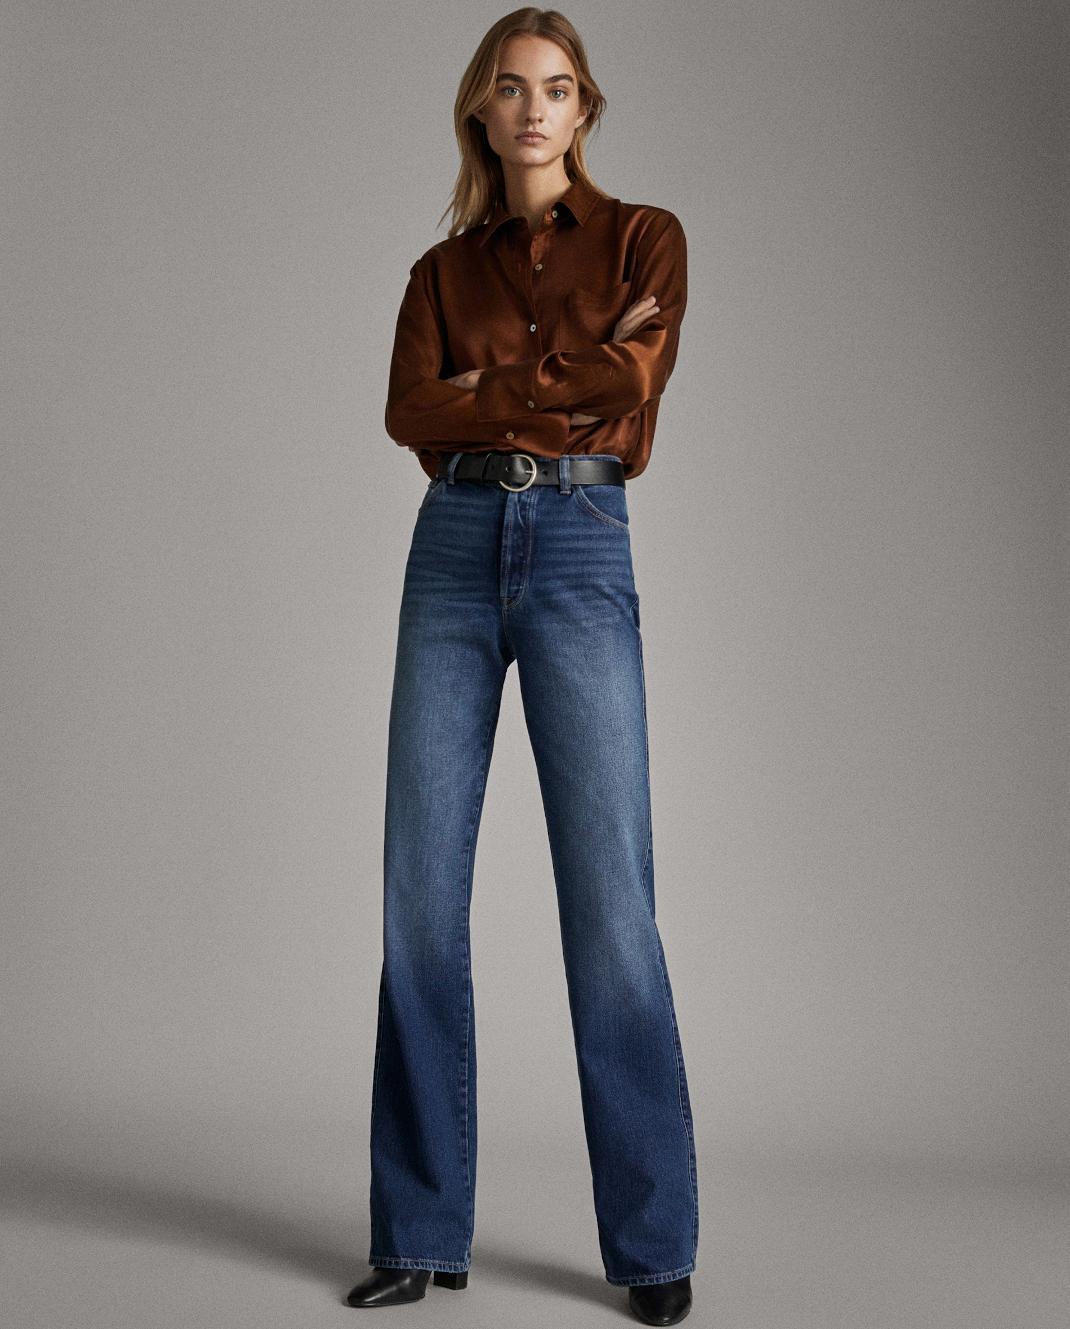 μοντέλο με τζιν παντελόνι Massimo Dutti